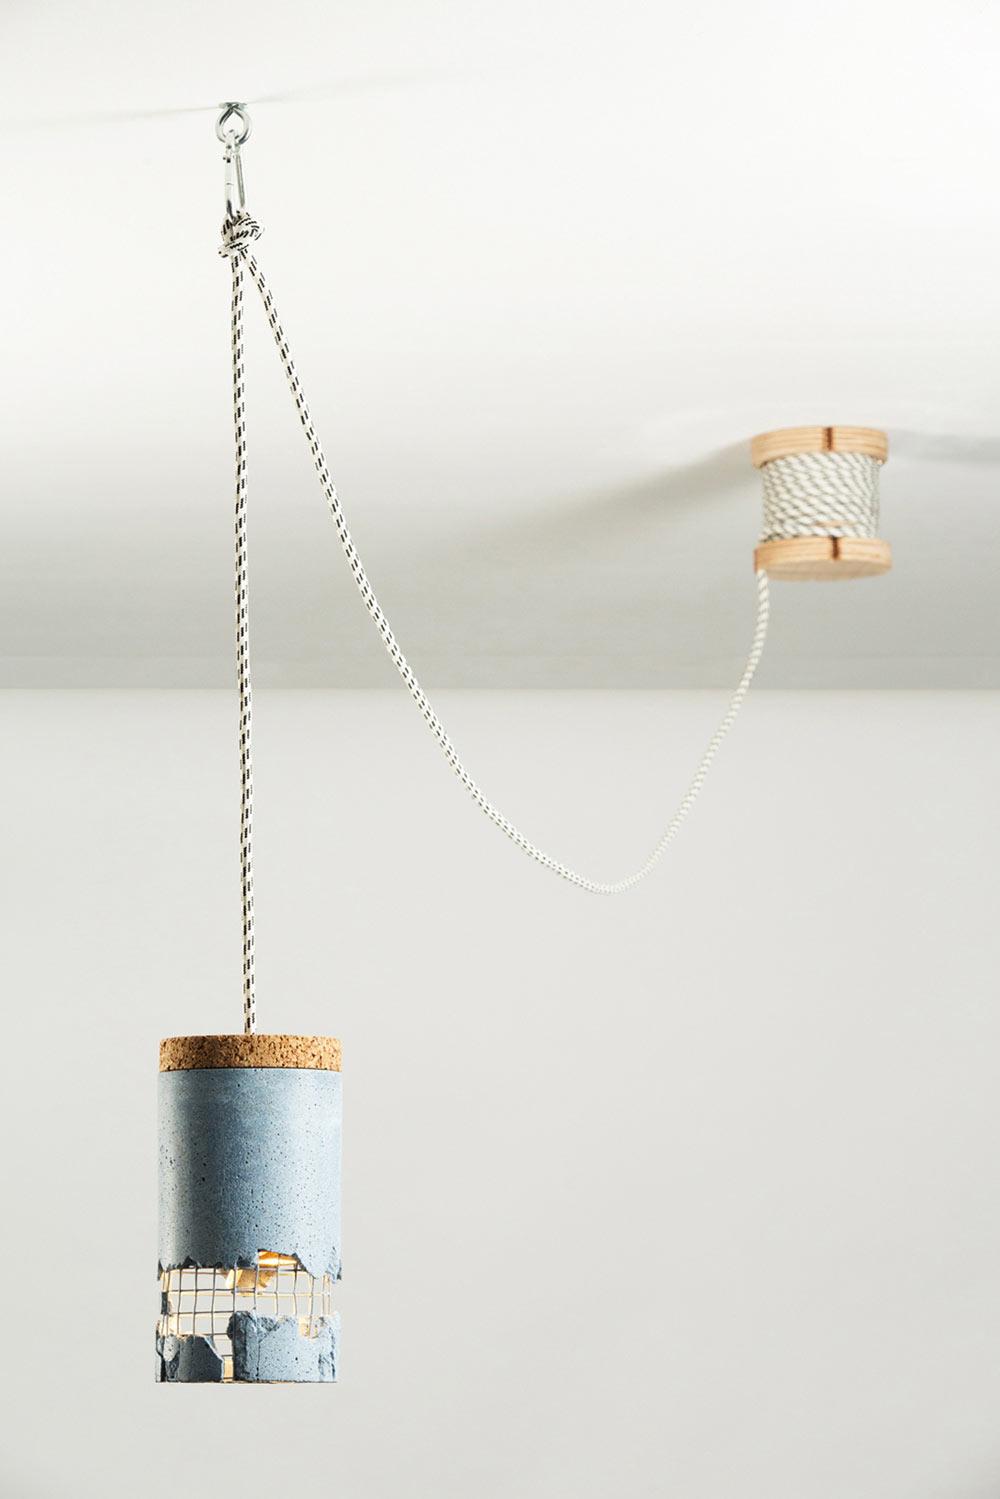 slash-lamp-concrete-lighting-ceiling.jpg